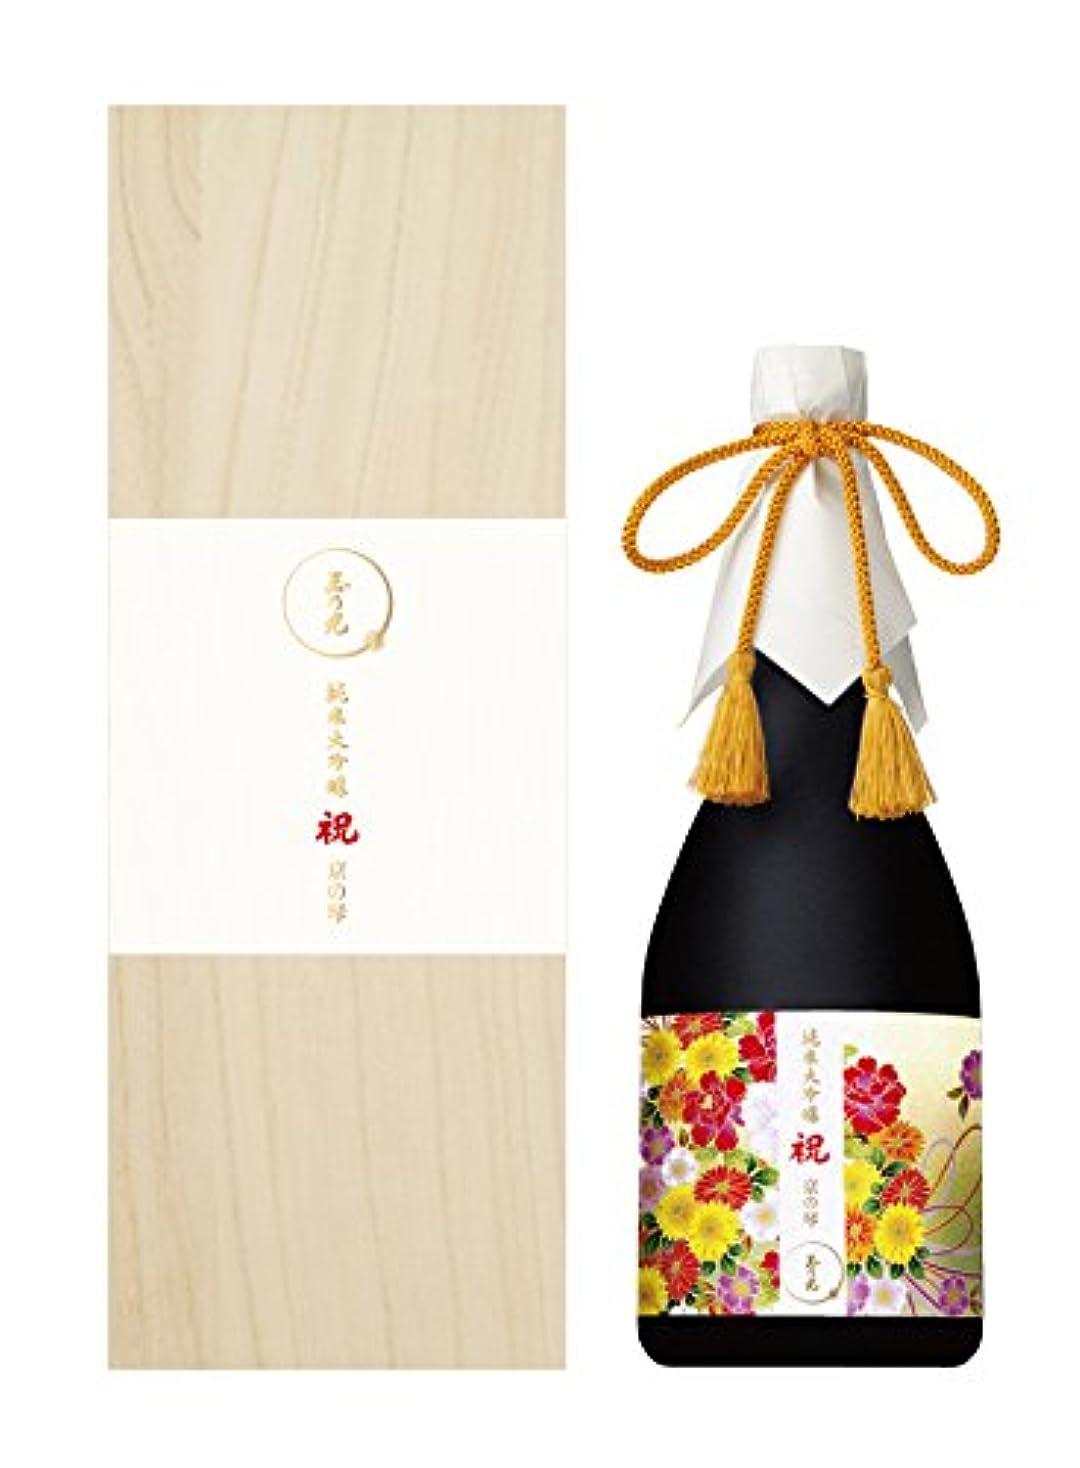 スライム刈り取るスーツ玉乃光酒造 純米大吟醸 祝100% 京の琴 [ 日本酒 720ml ]